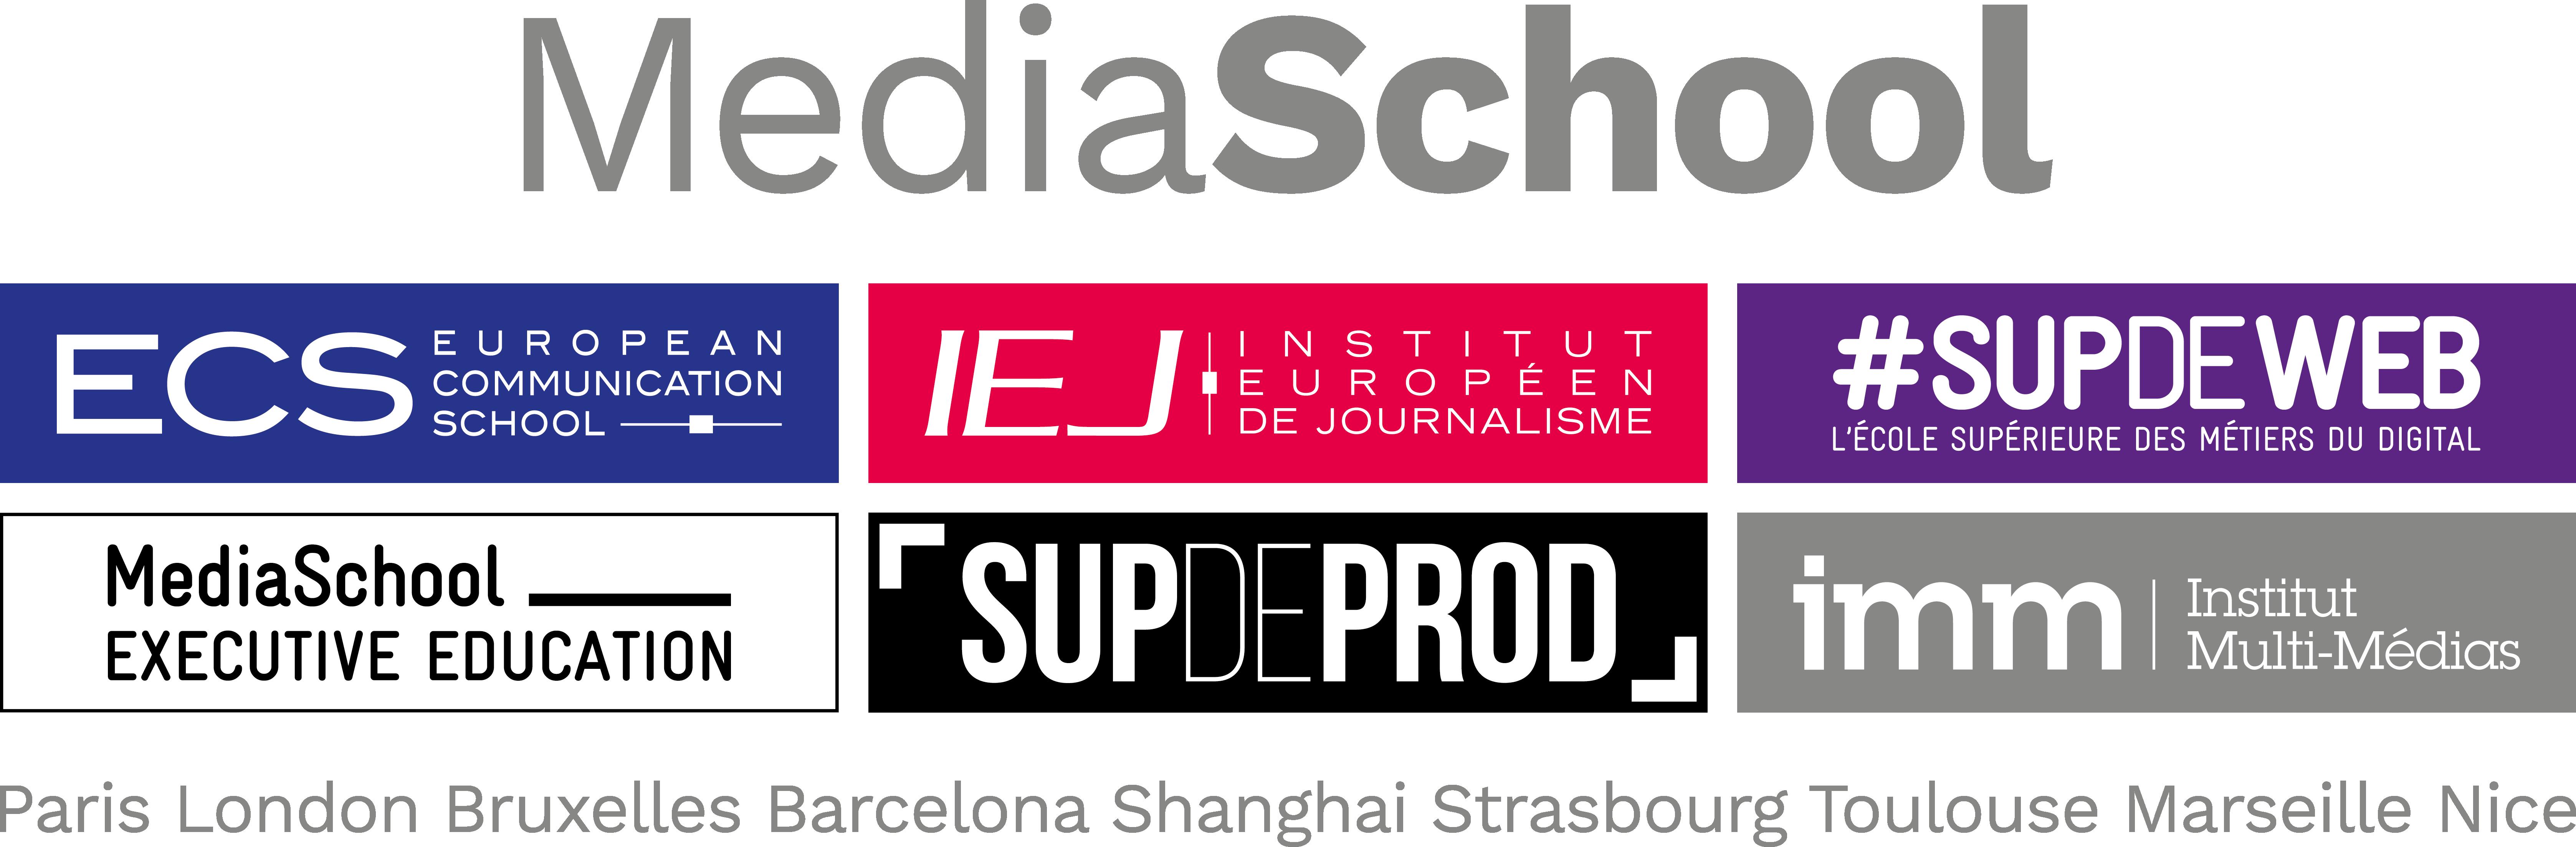 Montpellier salon de l 39 enseignement sup rieur du 12 au - Salon de l enseignement superieur montpellier ...